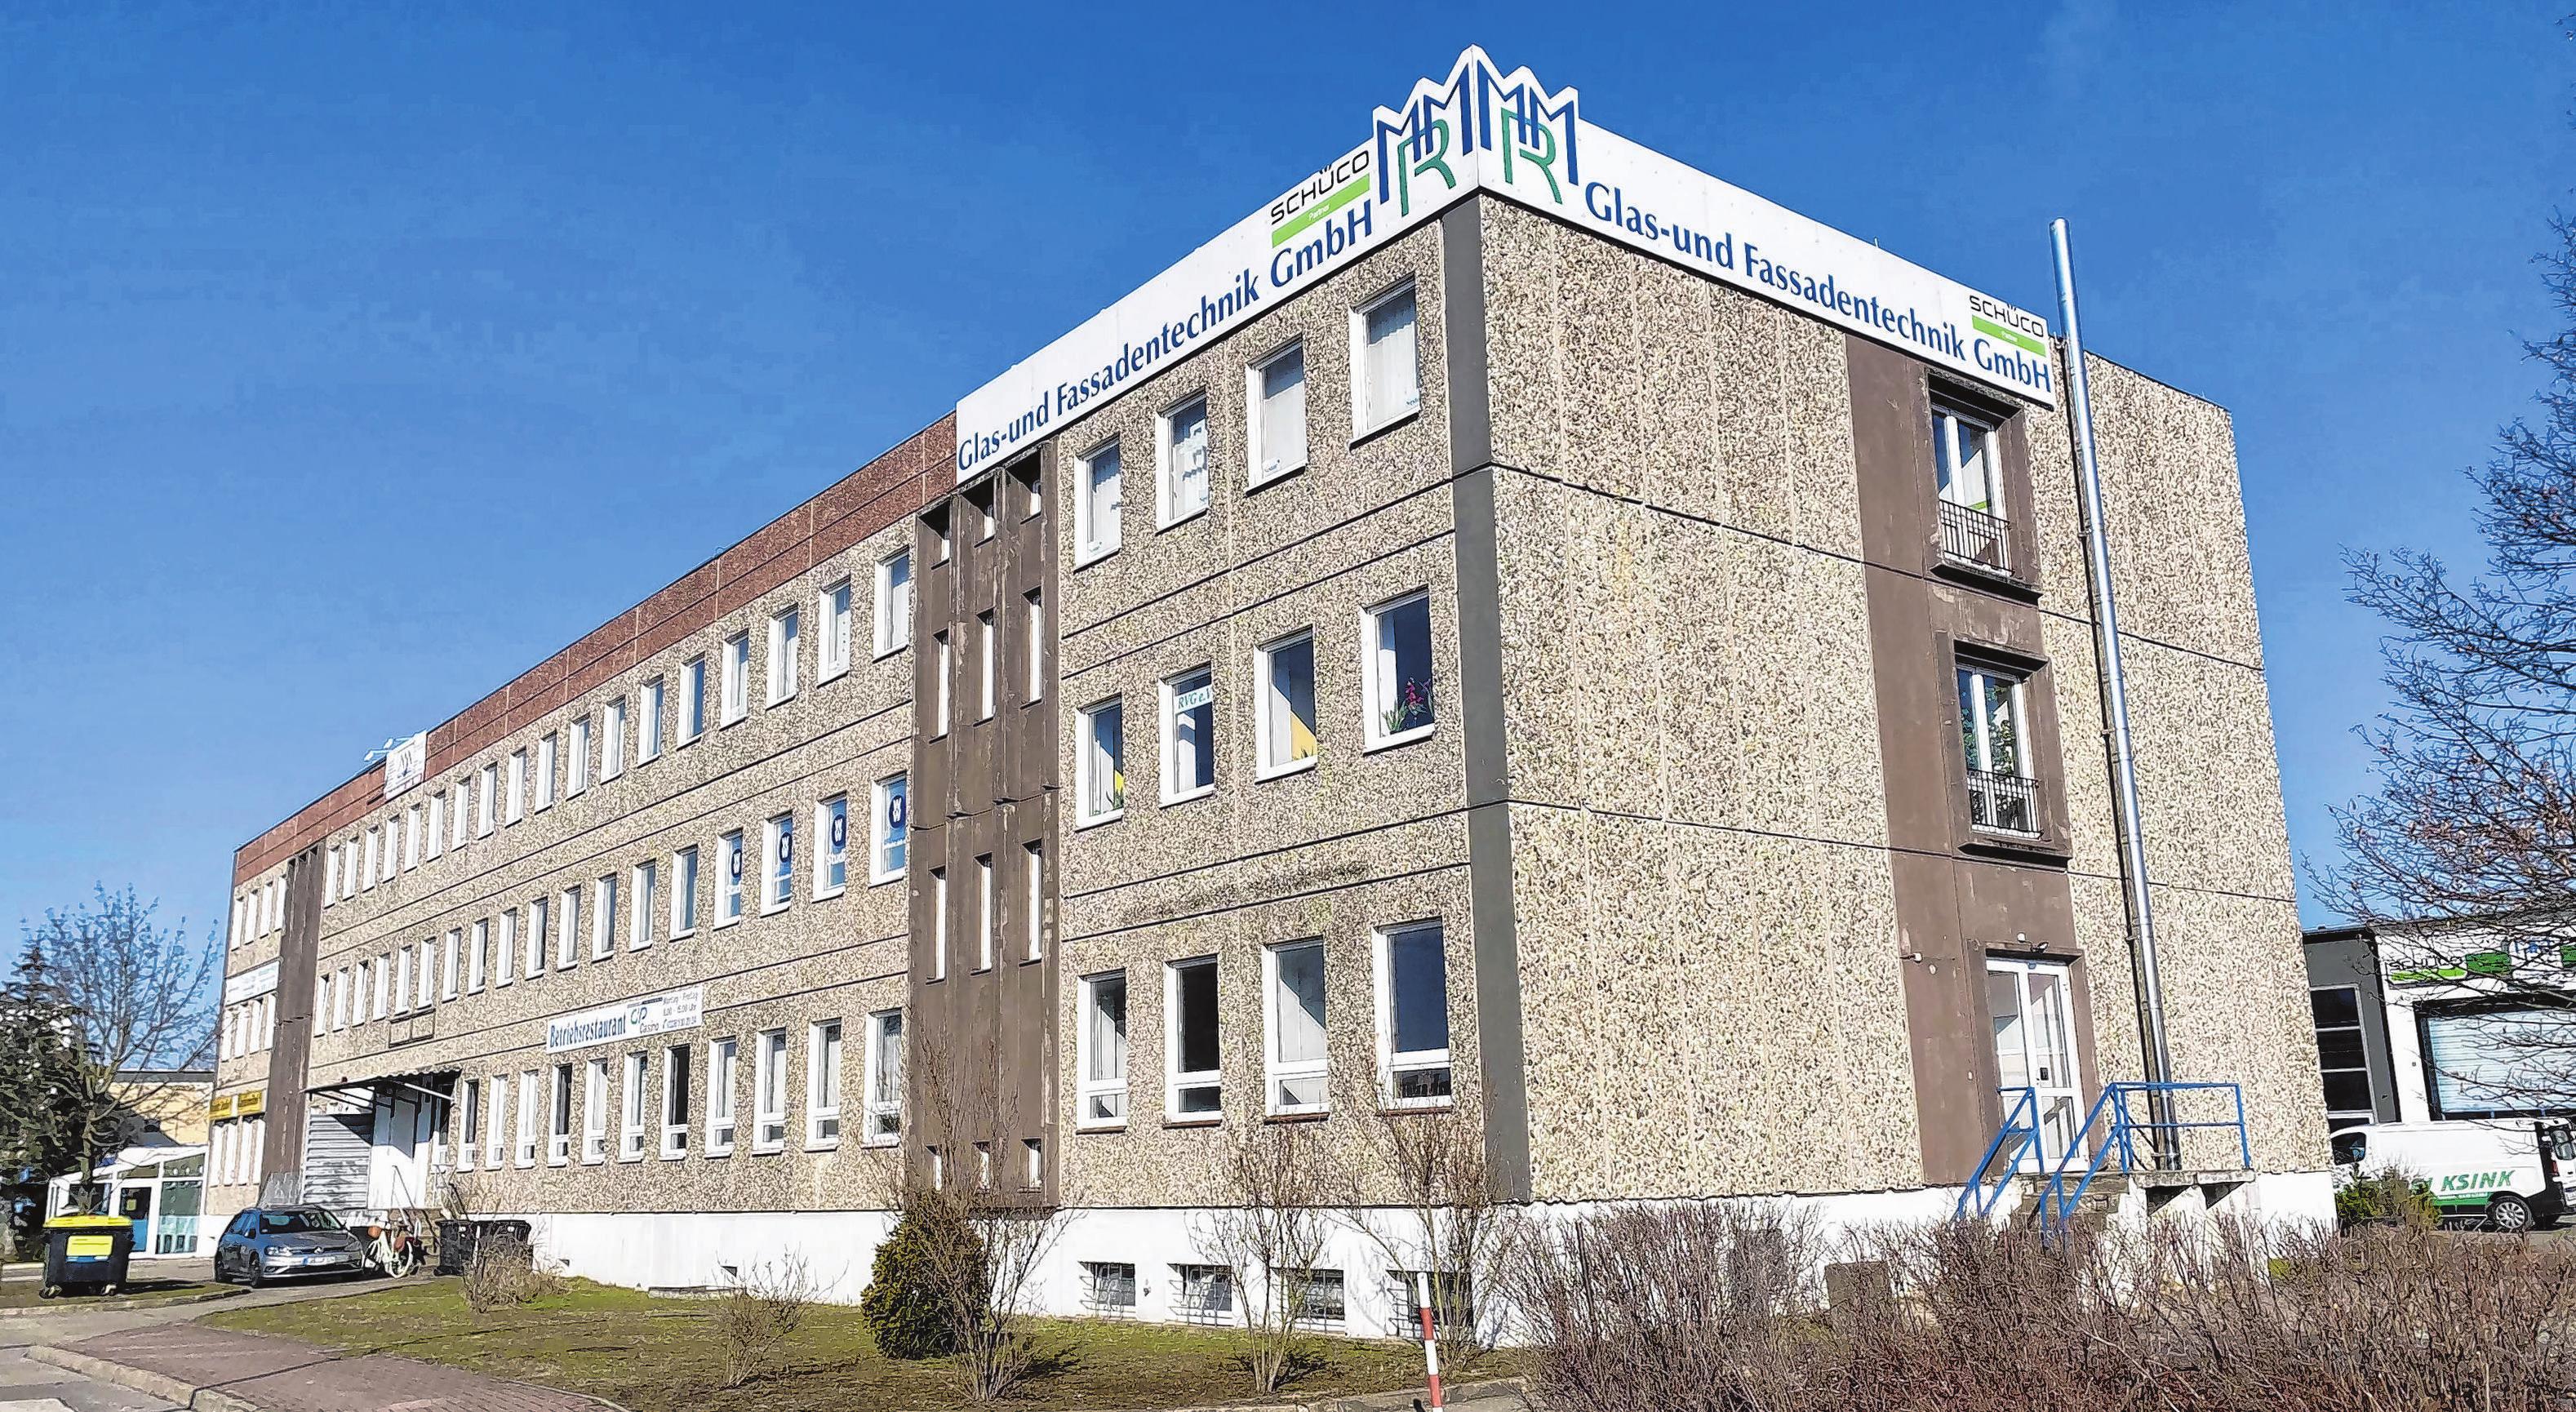 Mitarbeiter der MRM Glas- und Fassadentechnik GmbH sind deutschlandweit unterwegs.